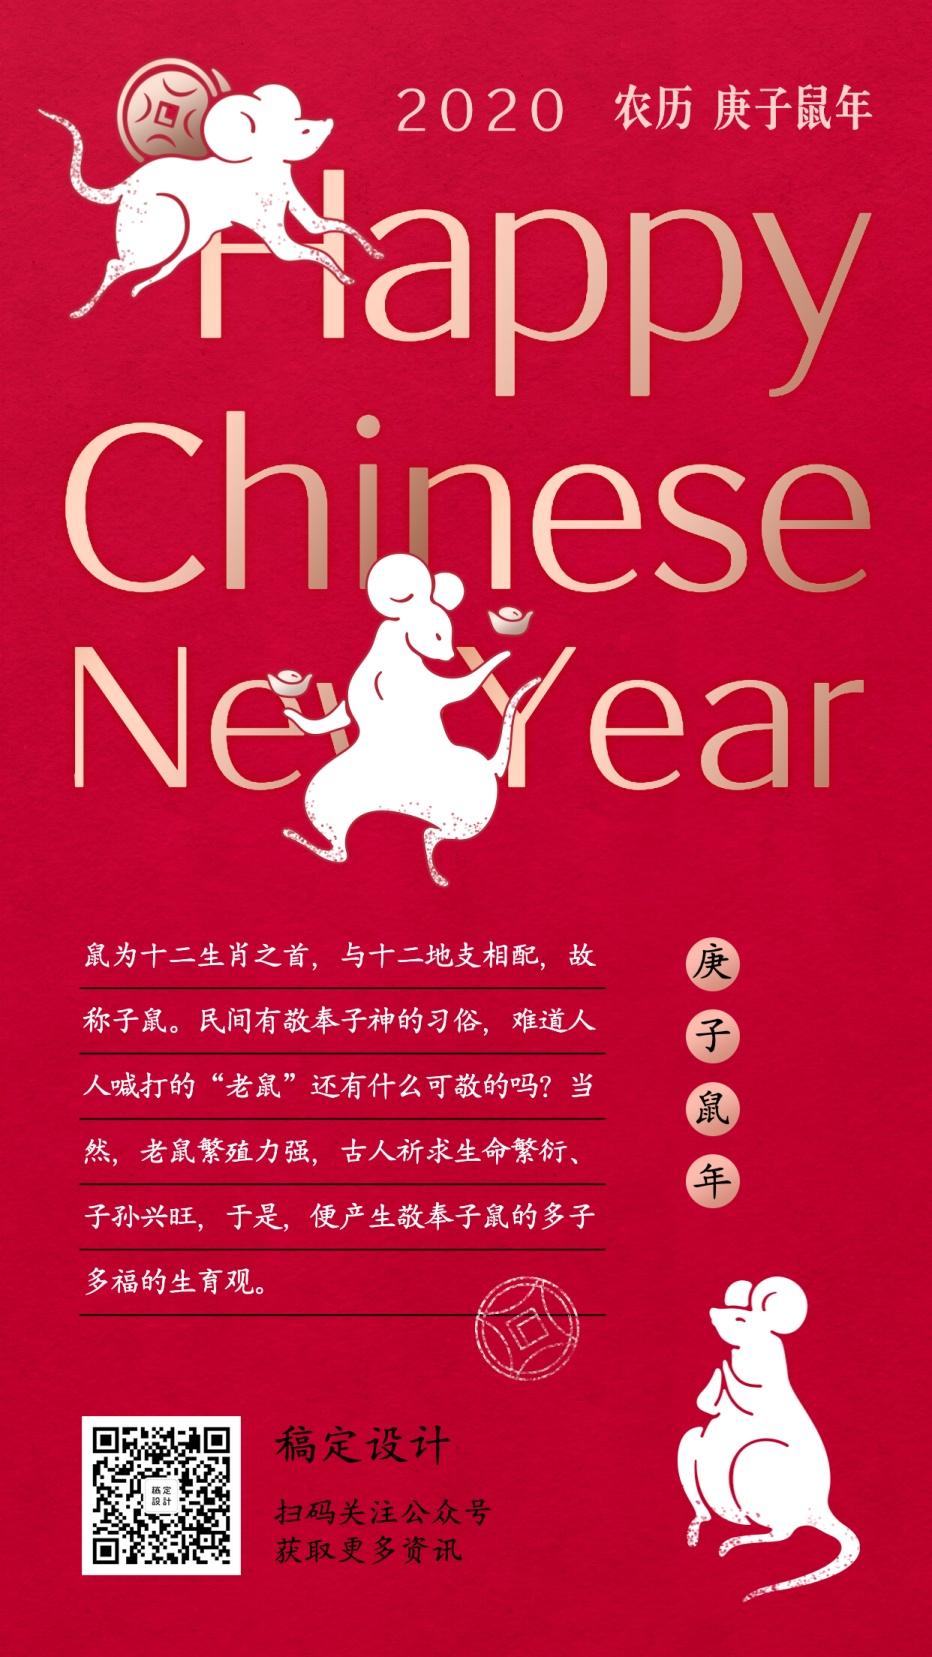 春节新年新春祝福鼠年红金祝福喜庆手机海报